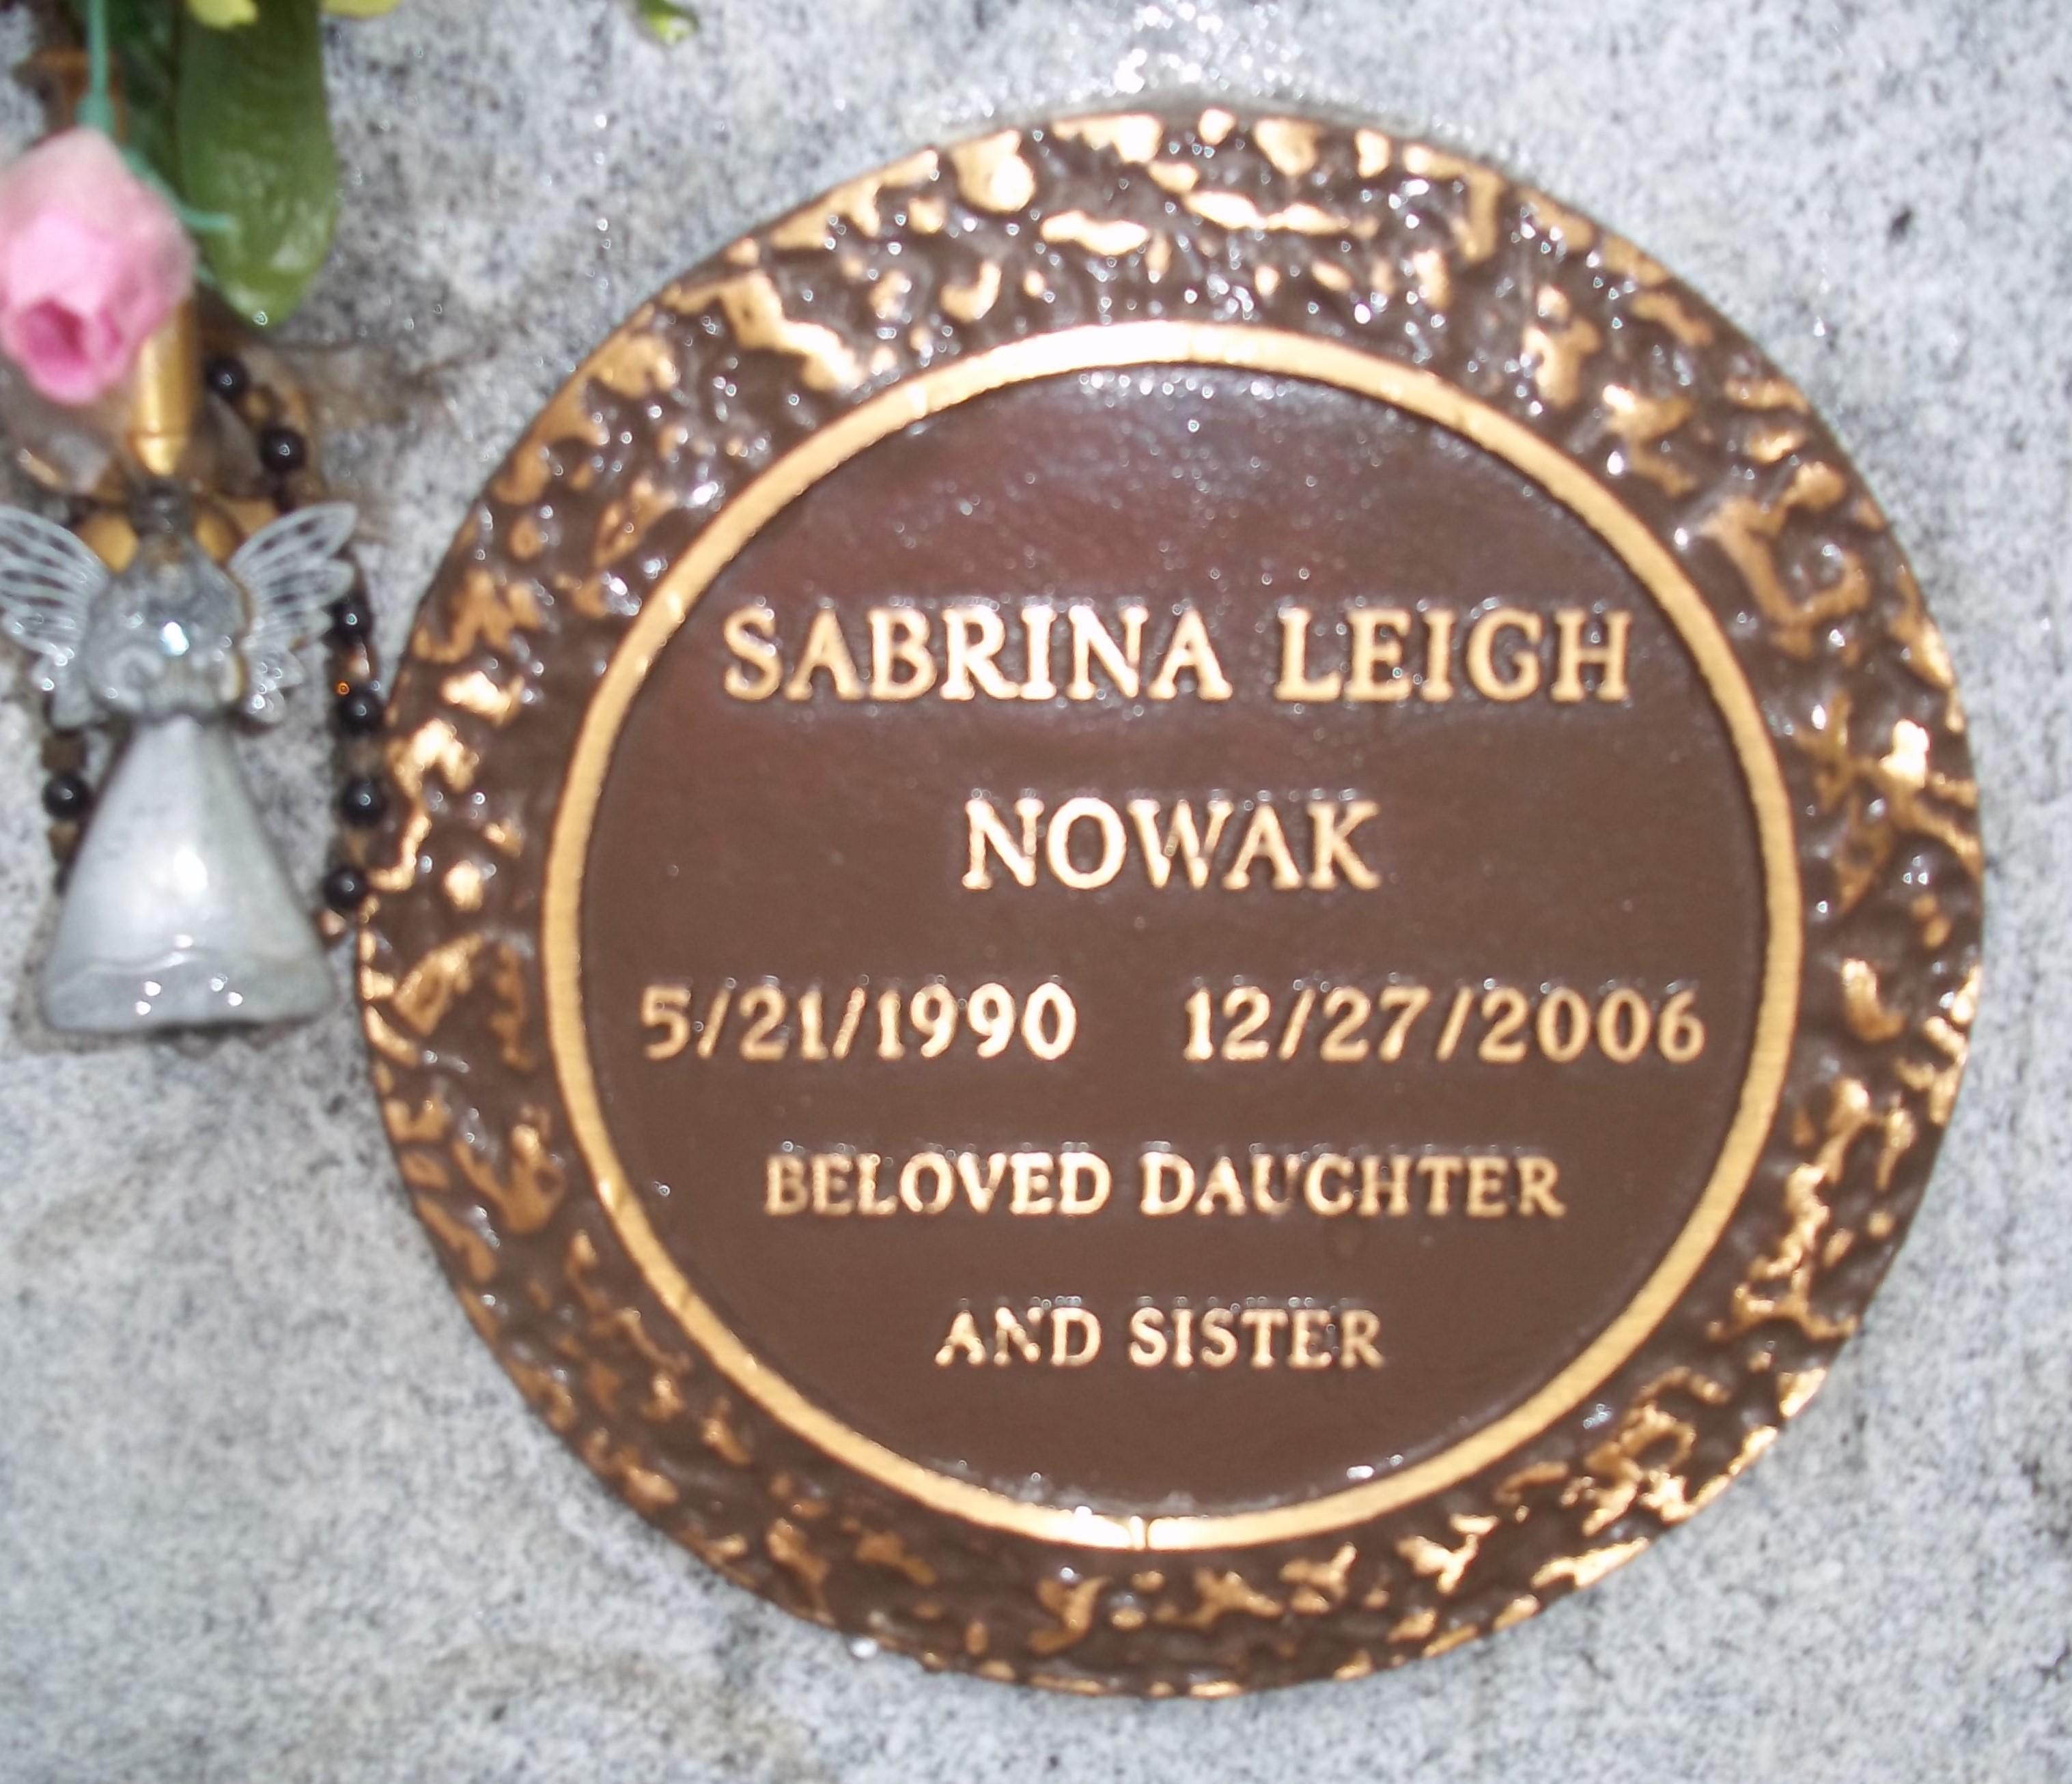 Sabrina Leigh Nowak (1990-2006) - Find A Grave Memorial